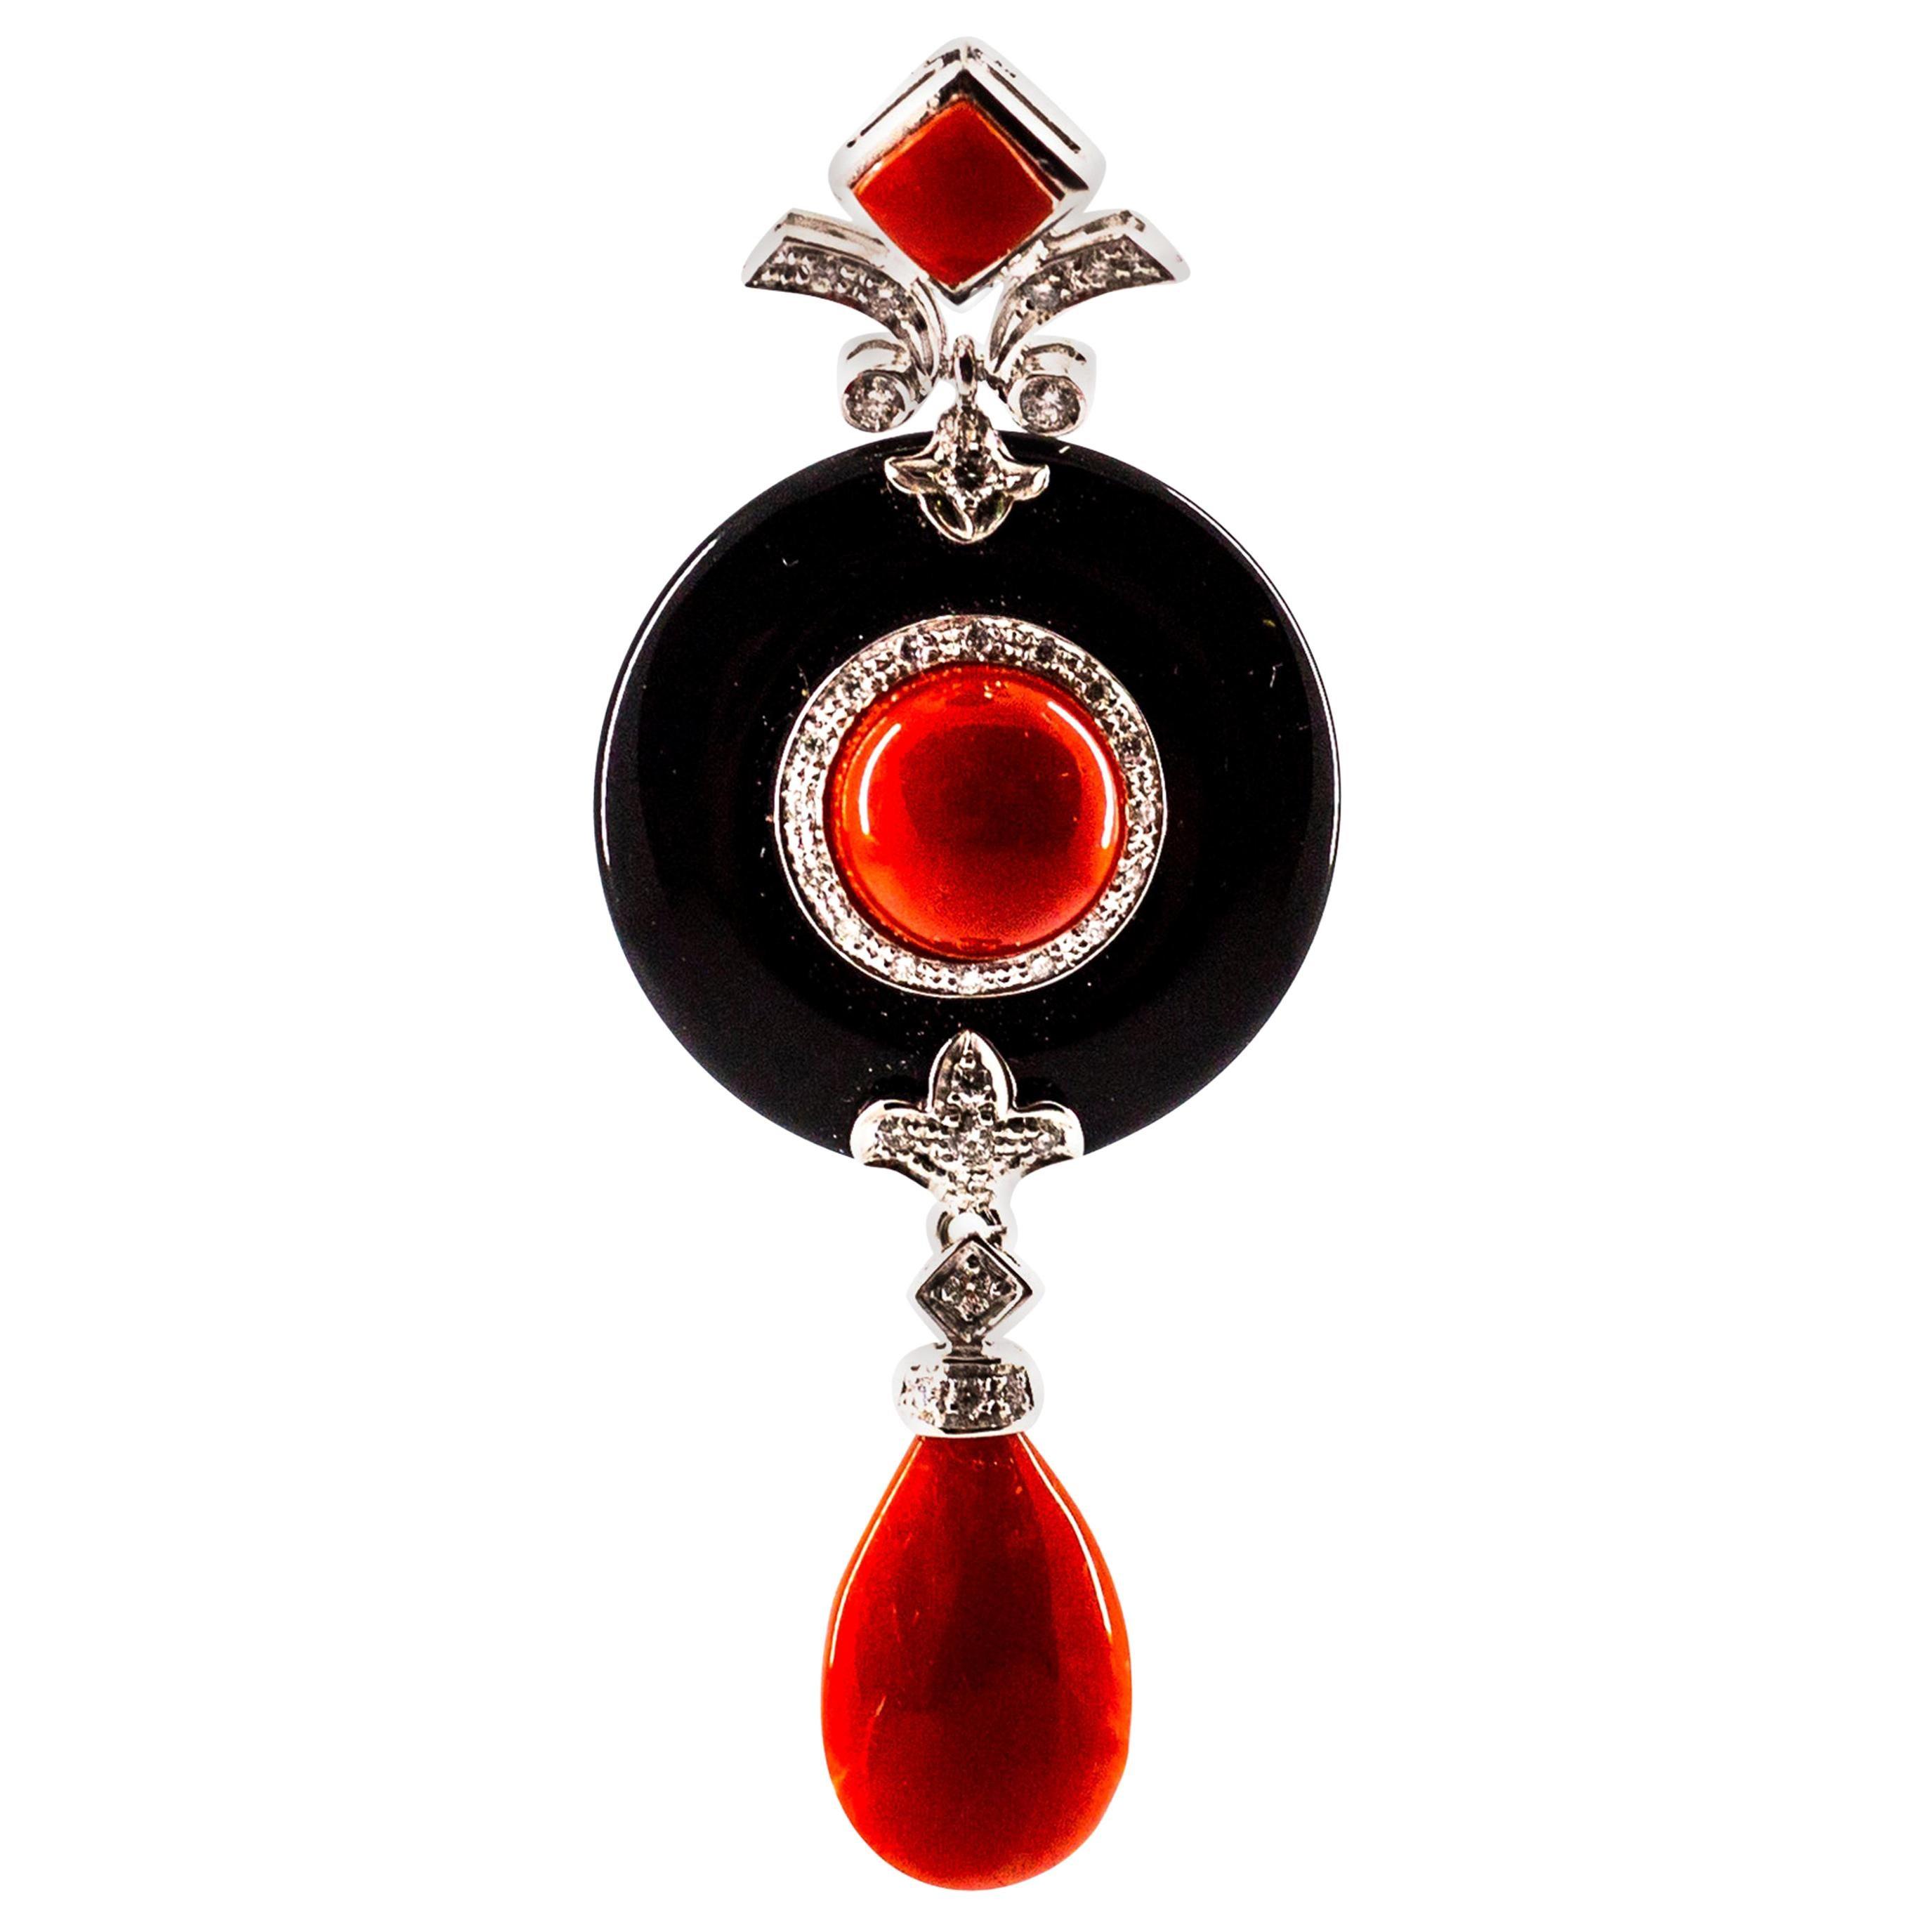 Art Deco Style Sardinia Red Coral White Diamond Onyx White Gold Pendant Necklace